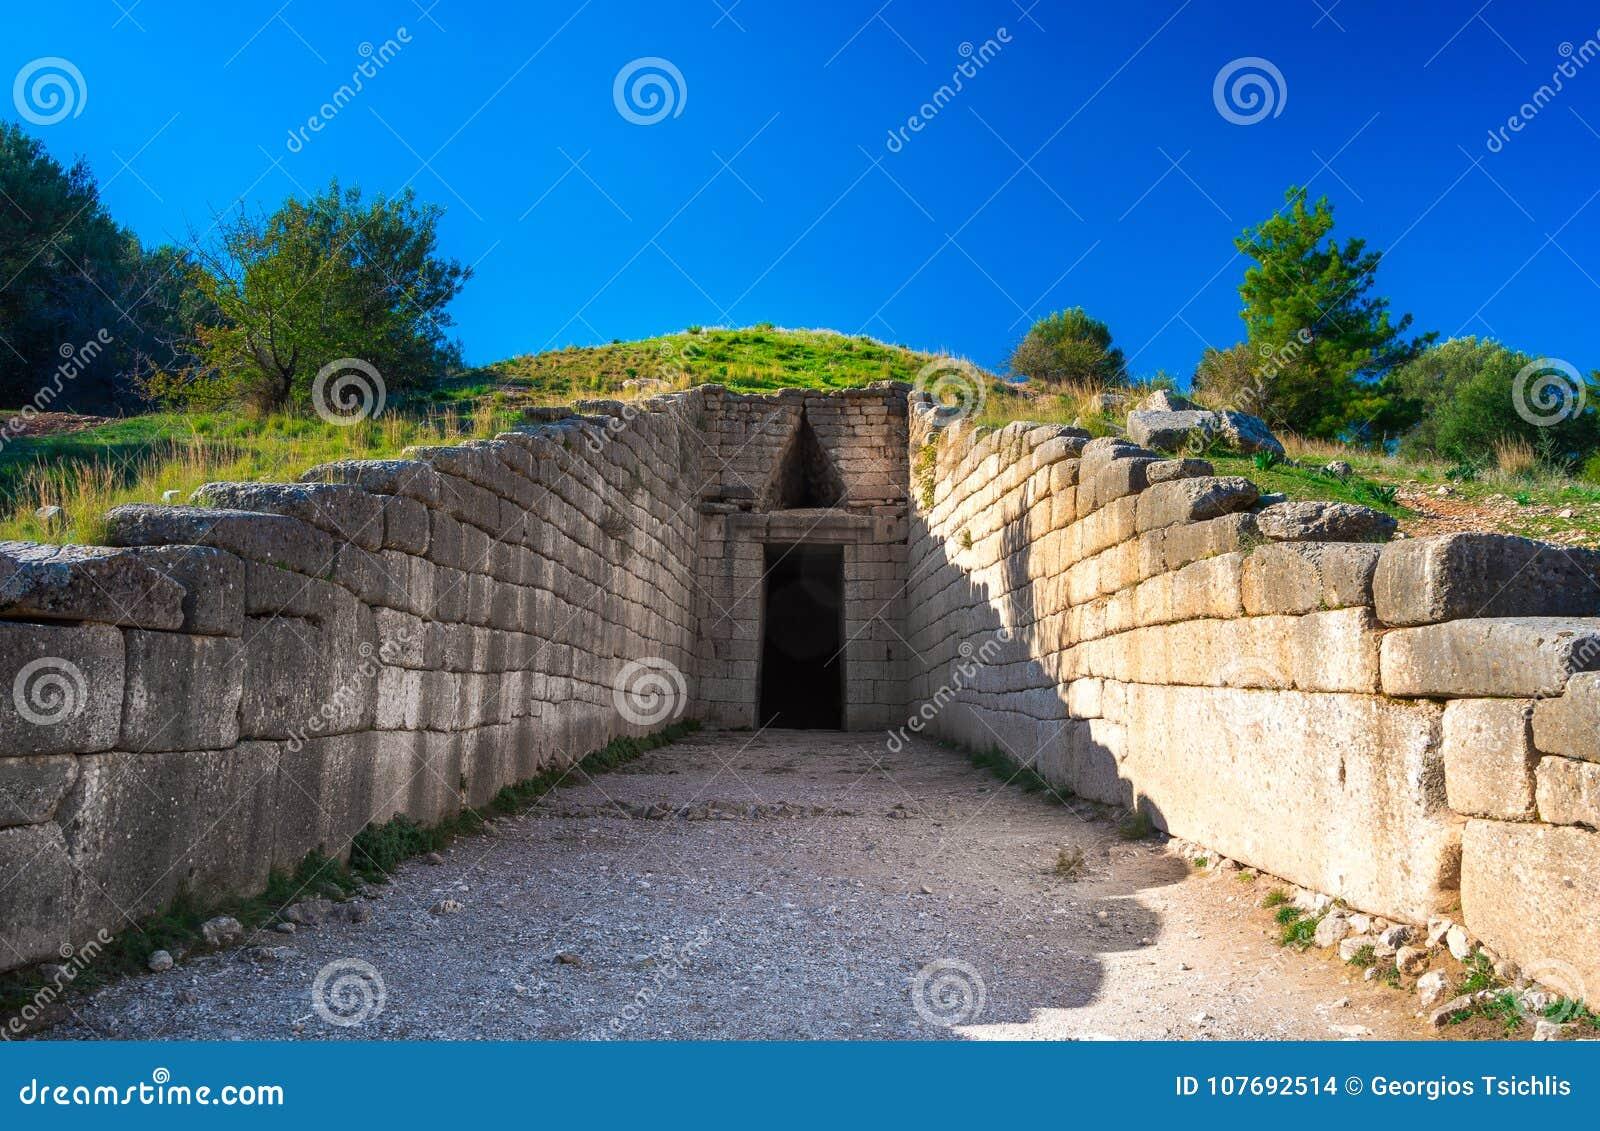 Le site archéologique de Mycenae près du village de Mykines, avec les tombes antiques, les murs géants et la porte célèbre de lio